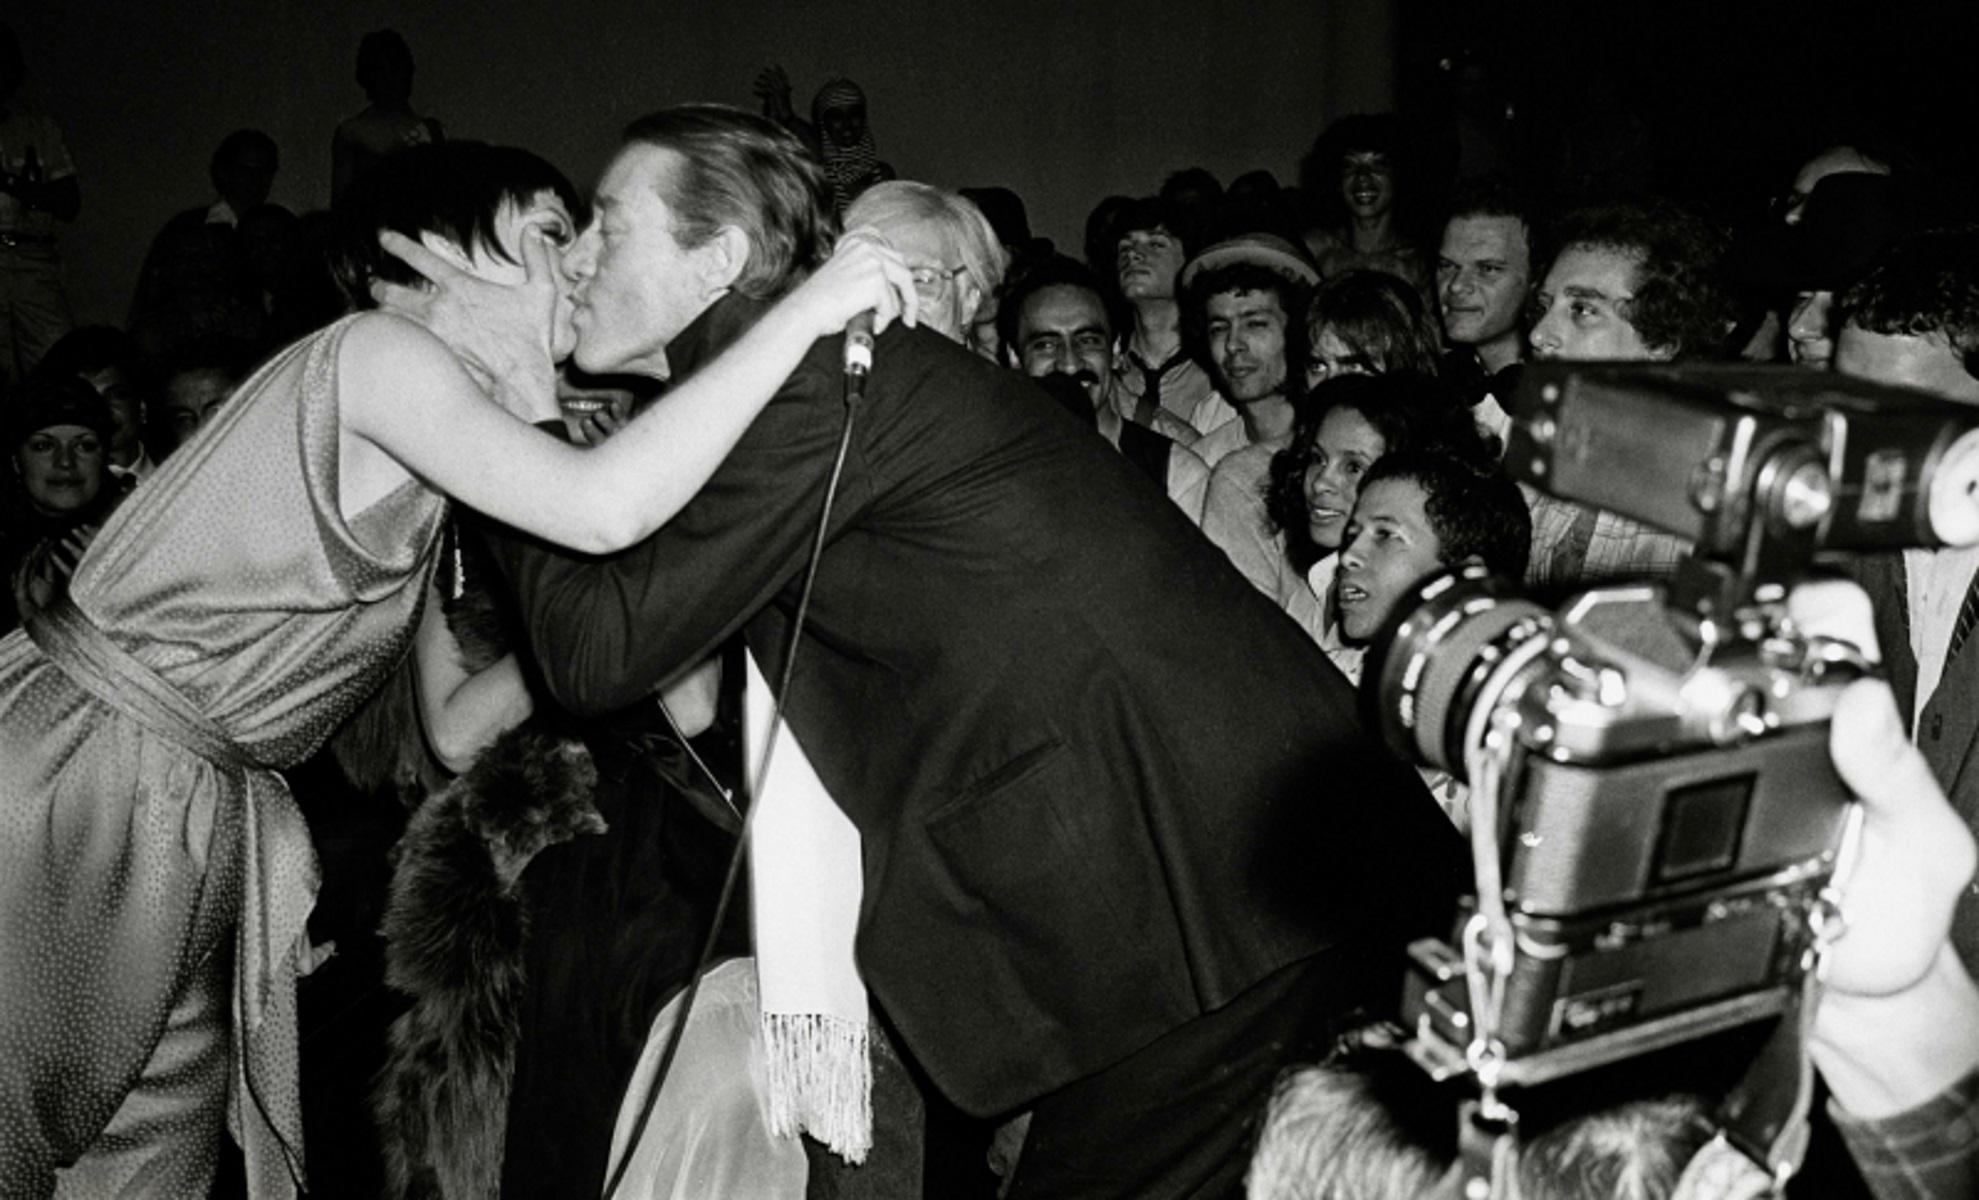 Studio 54: Ξενάγηση στην έκθεση για το θρυλικό νάιτ κλαμπ της Νέας Υόρκης